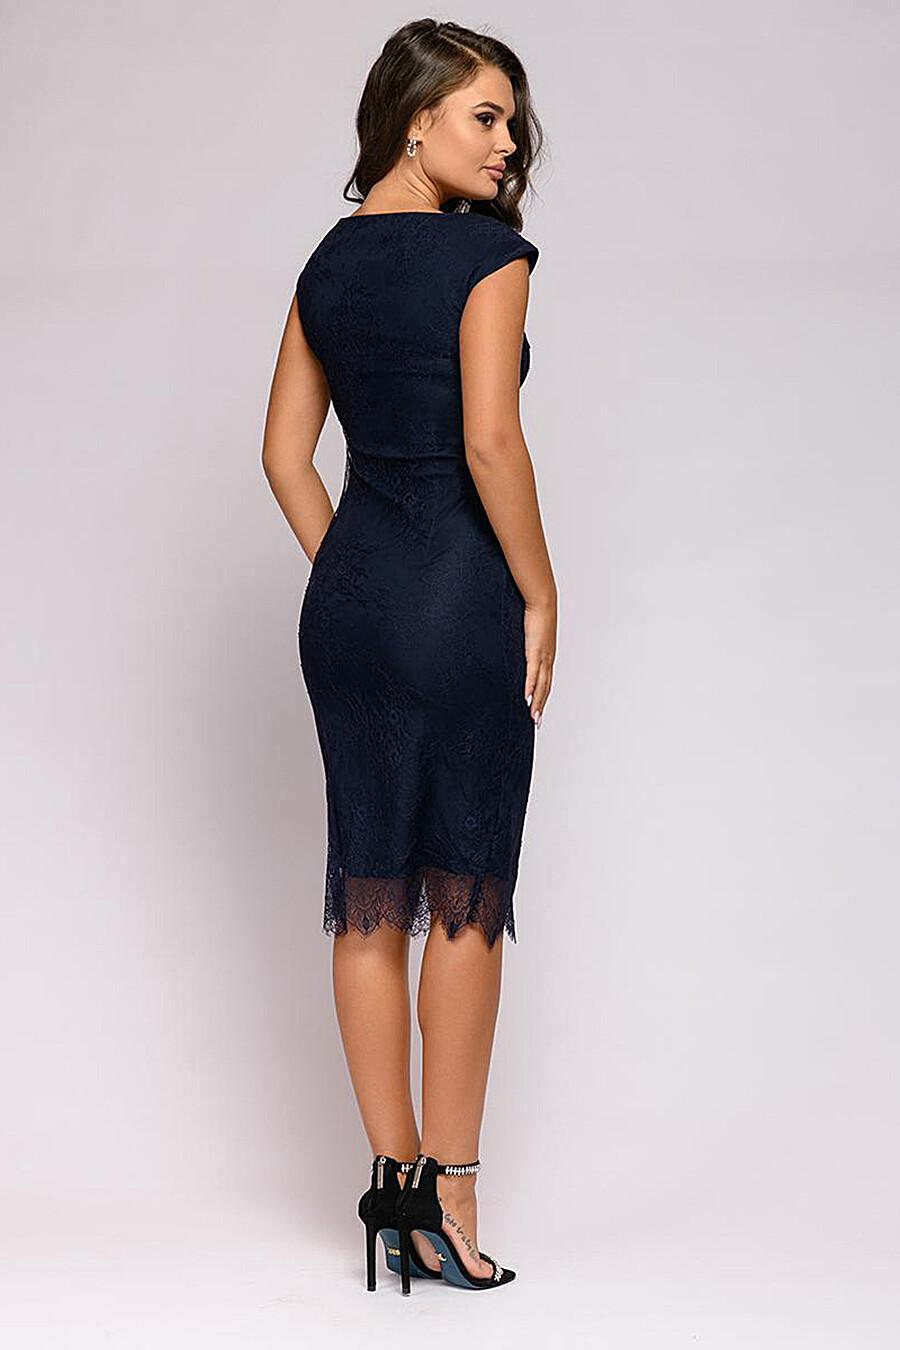 Платье для женщин 1001 DRESS 181021 купить оптом от производителя. Совместная покупка женской одежды в OptMoyo